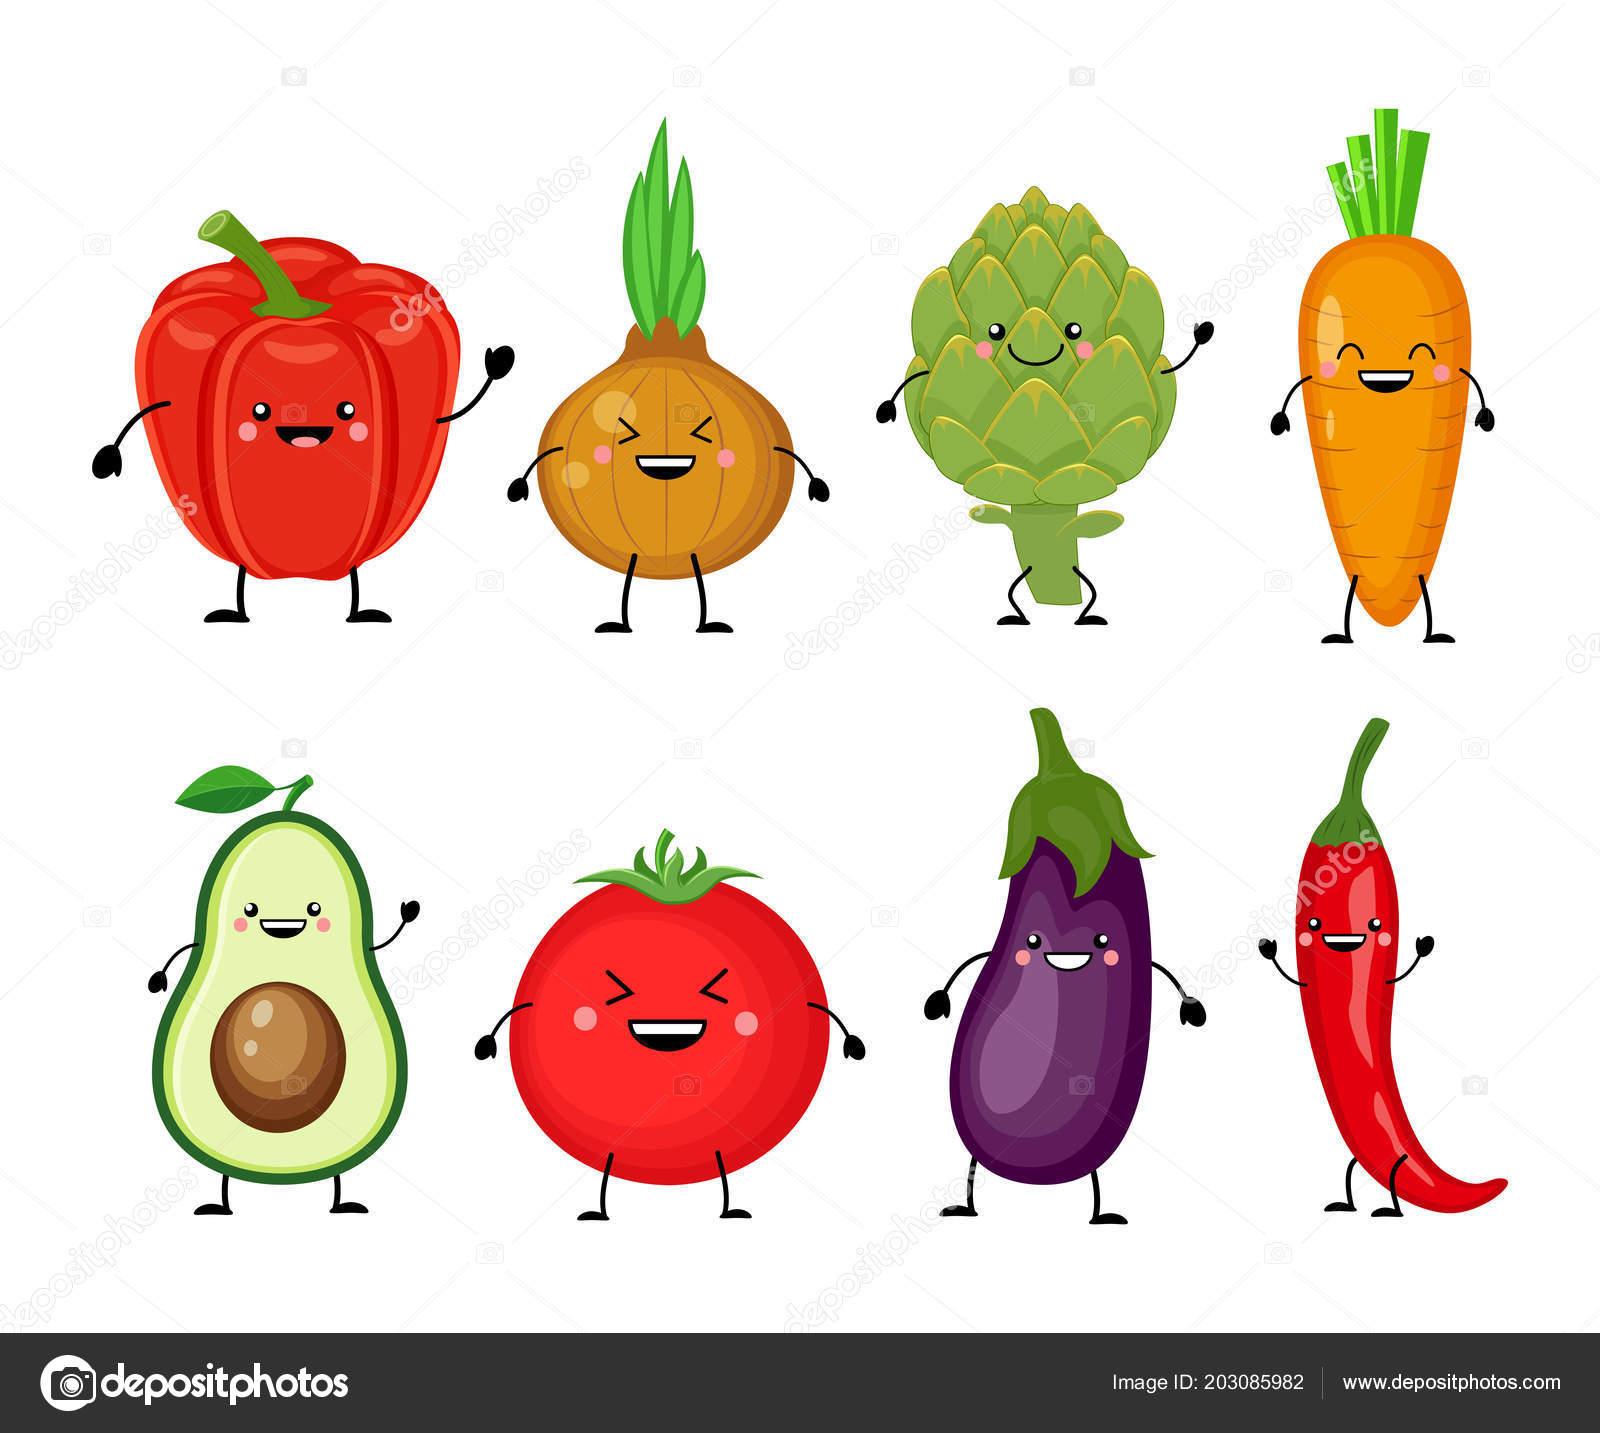 Jeu de dessin anim dr le de diff rents l gumes sourire - Dessin de legumes ...